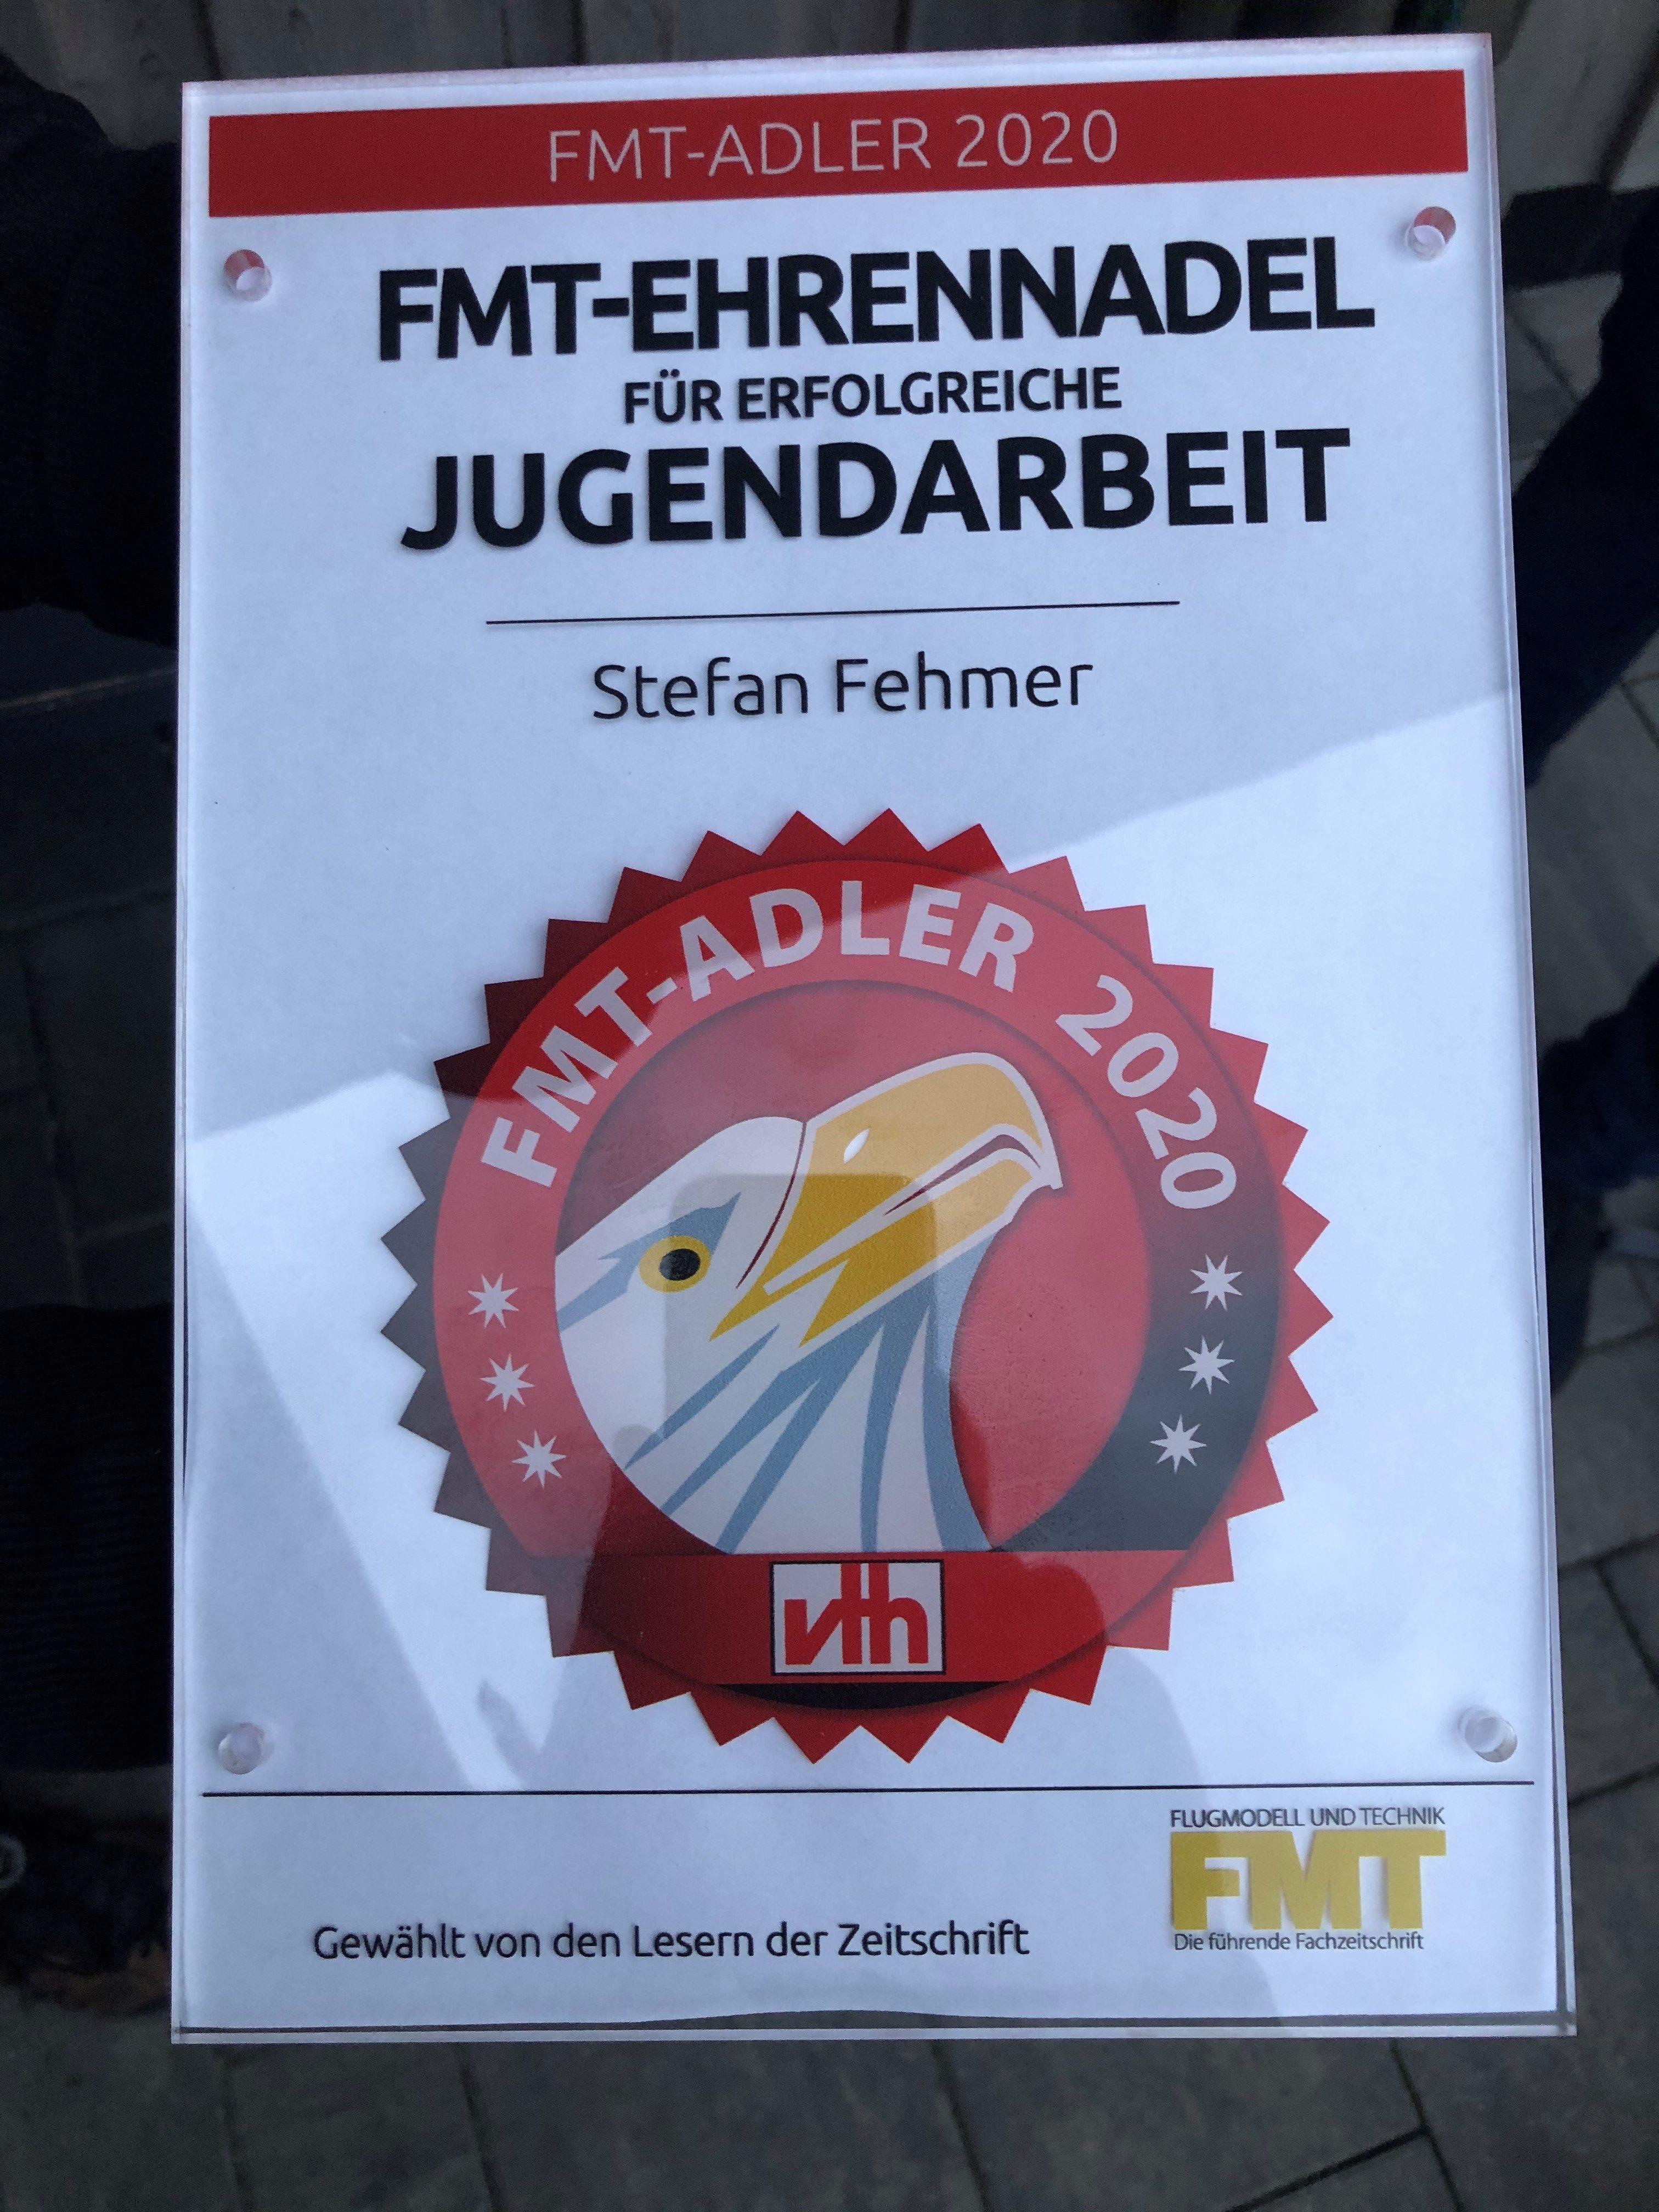 Auszeichnung der FMT